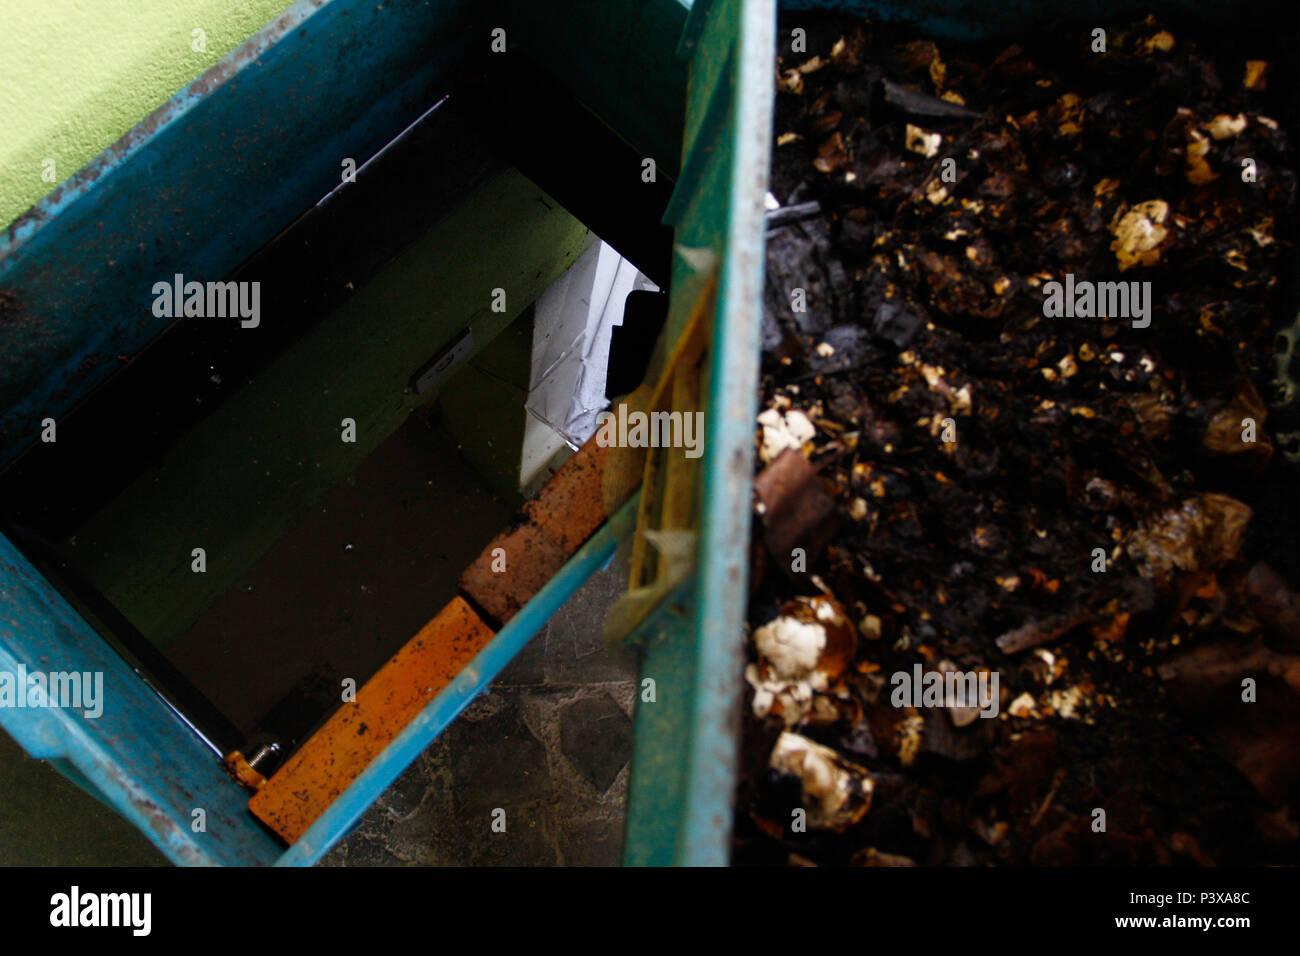 Minhocas Minhocário, com da espécie californianas 'vermelhas'. Na foto o liquido se trata de húmus de minhoca. Imagen De Stock